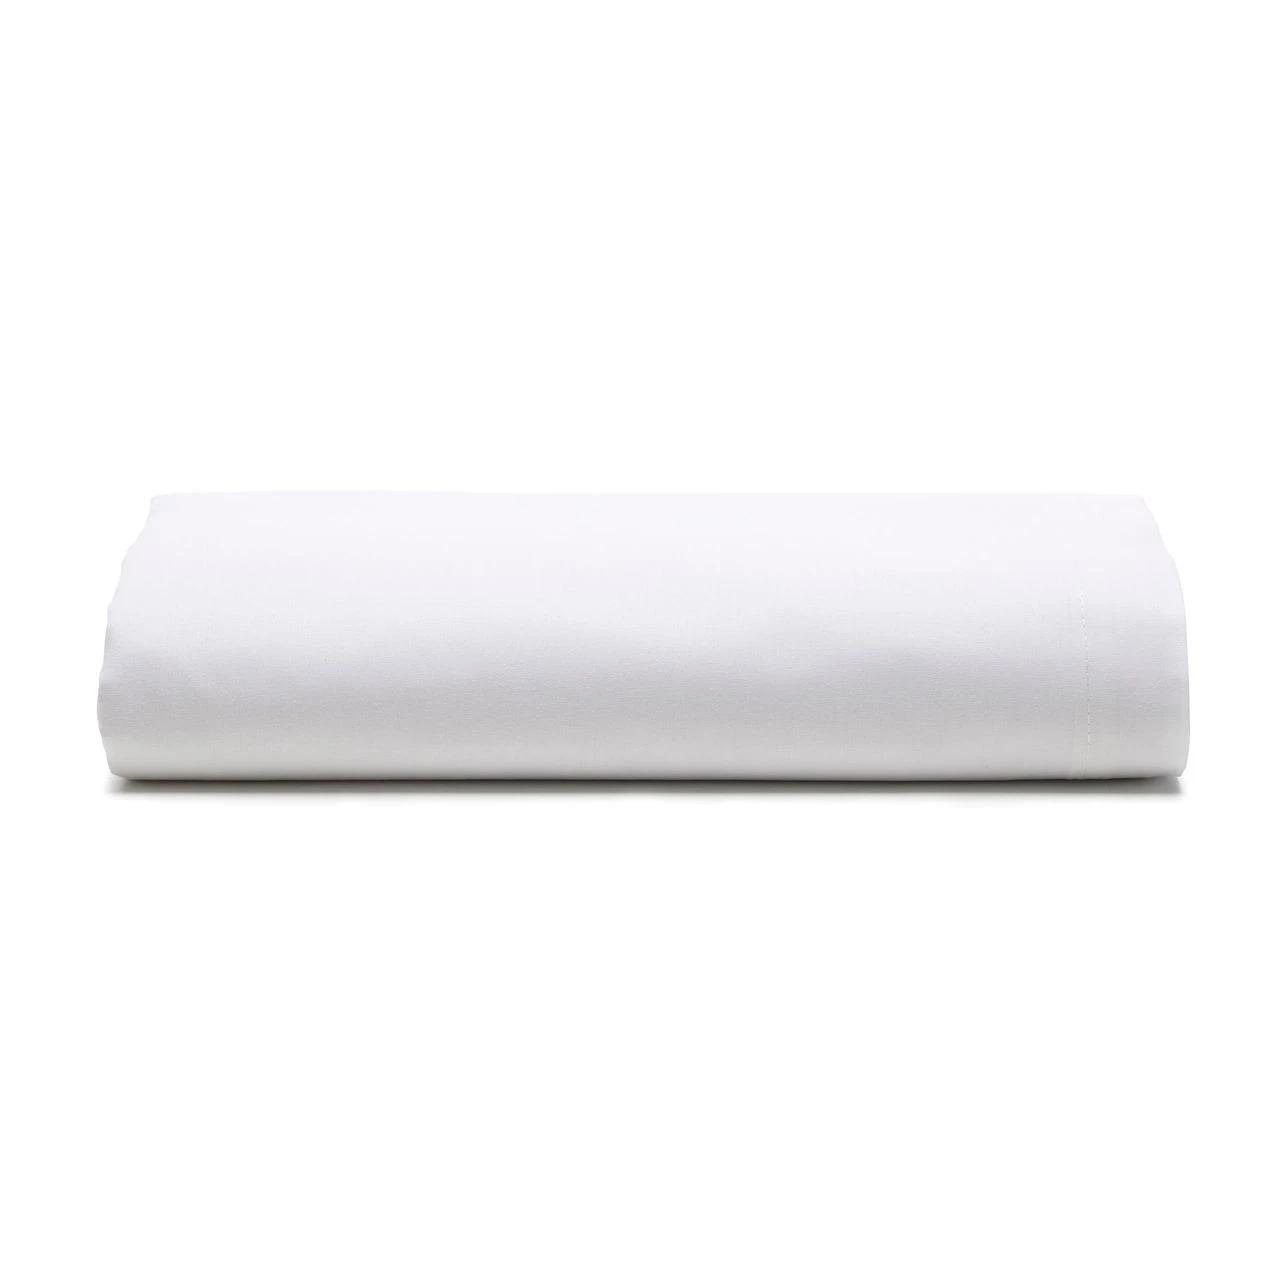 Lençol com elástico solteiro royal 100% algodão Branco - Santista